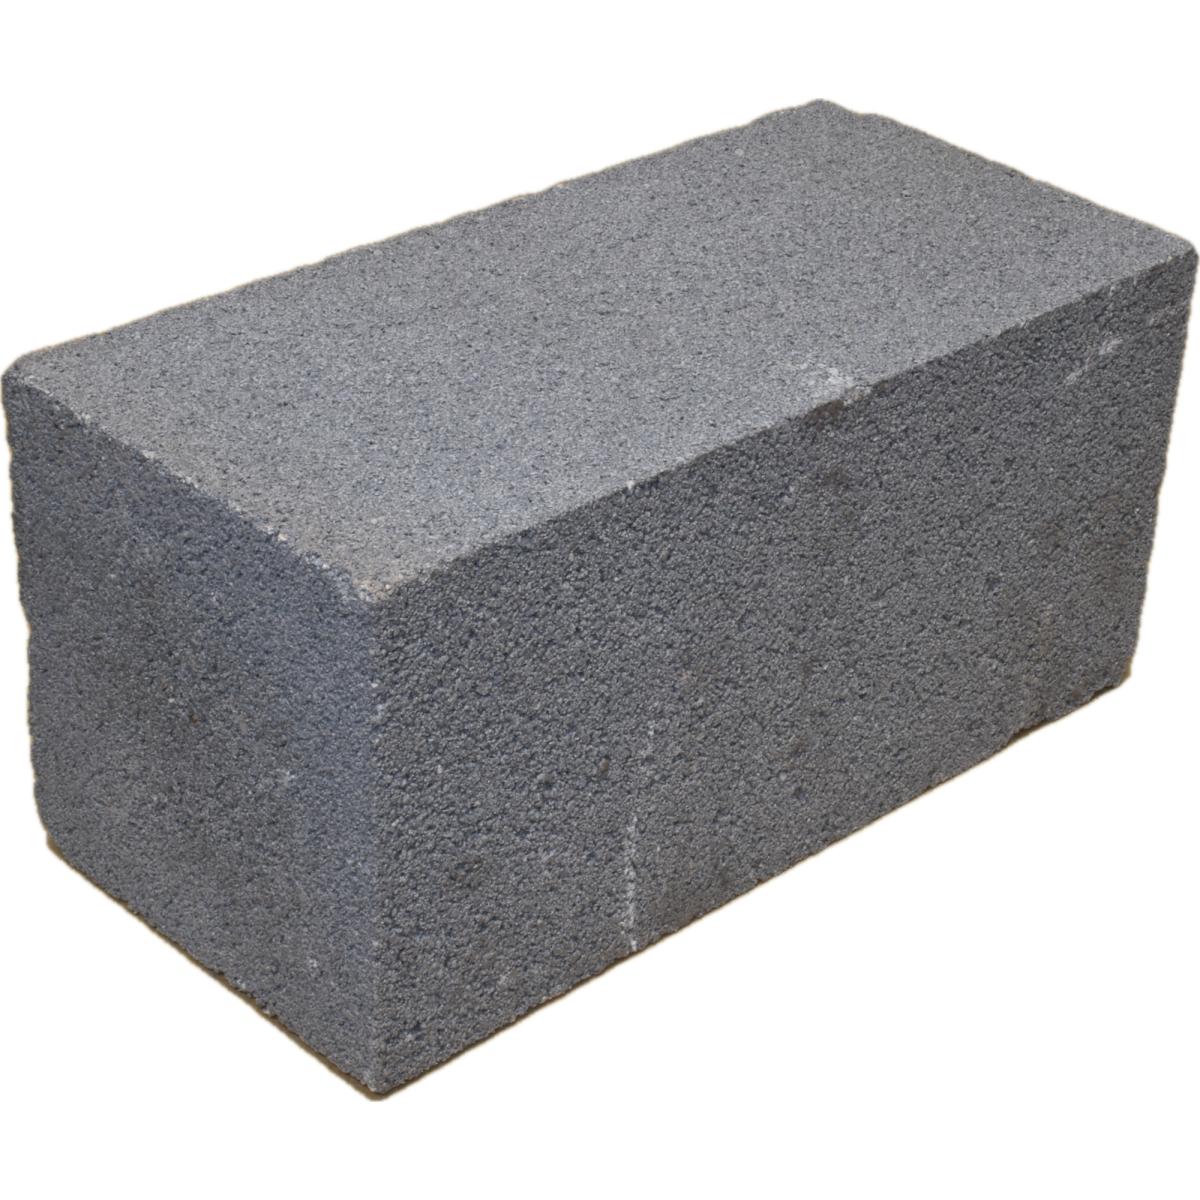 Блок фундаментный бетонный ФБС 390X190x188 мм